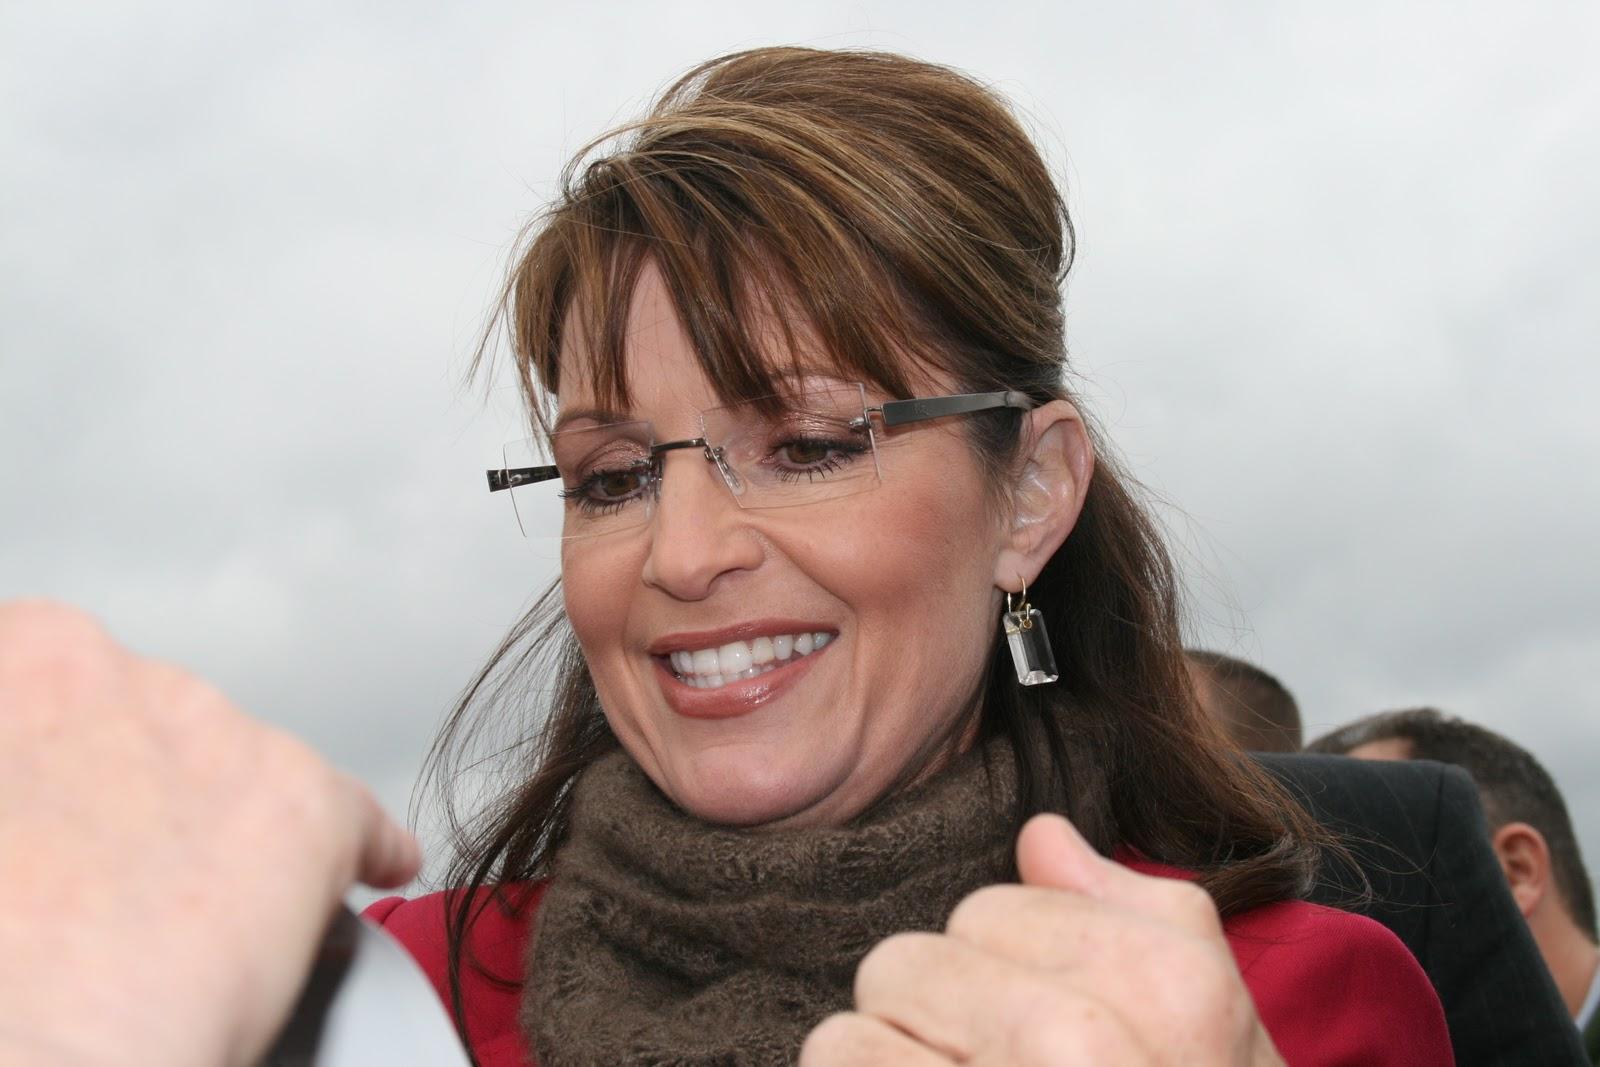 Sarah Palin Nude Photos